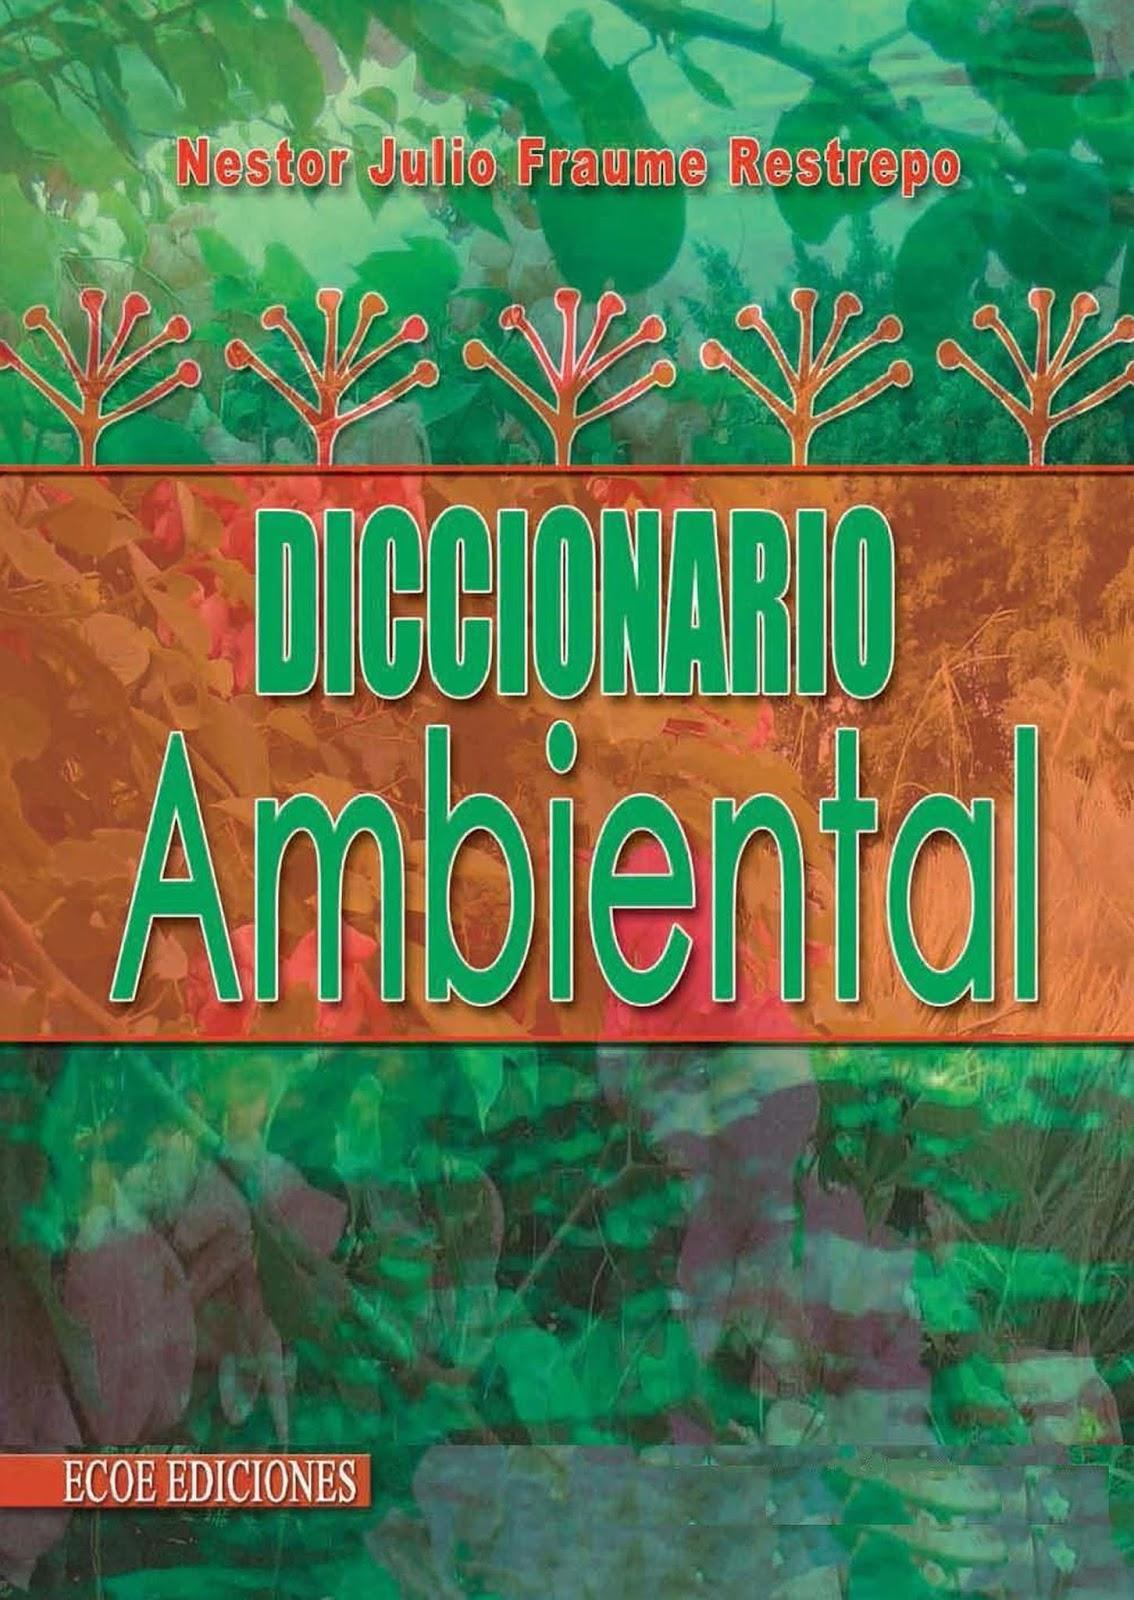 Diccionario ambiental – Nestor Julio Fraume